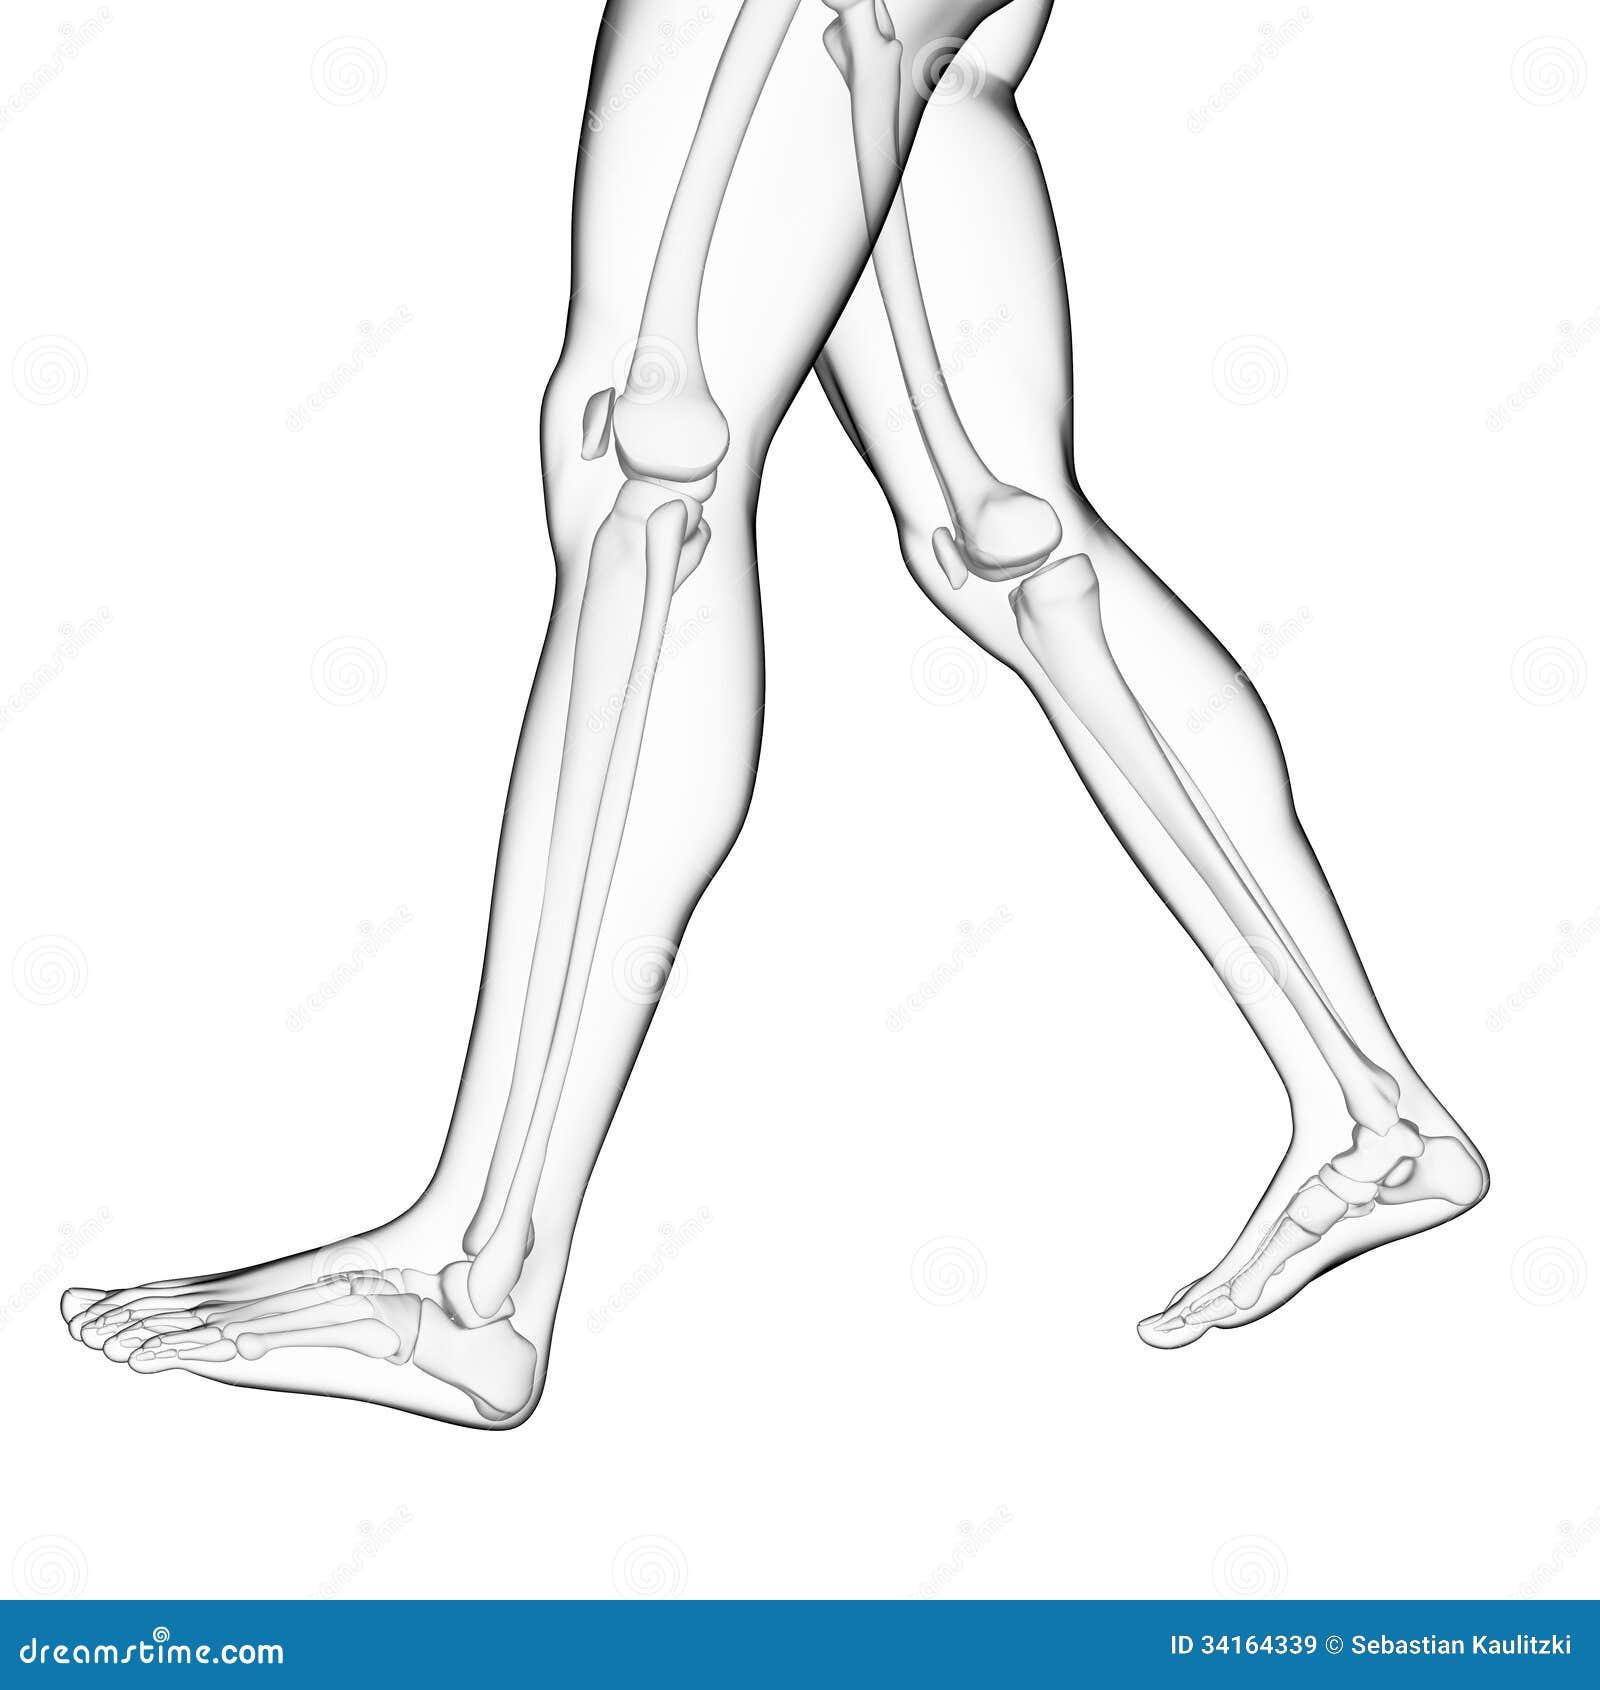 The Leg Bones Stock Illustration Illustration Of Skeleton 34164339